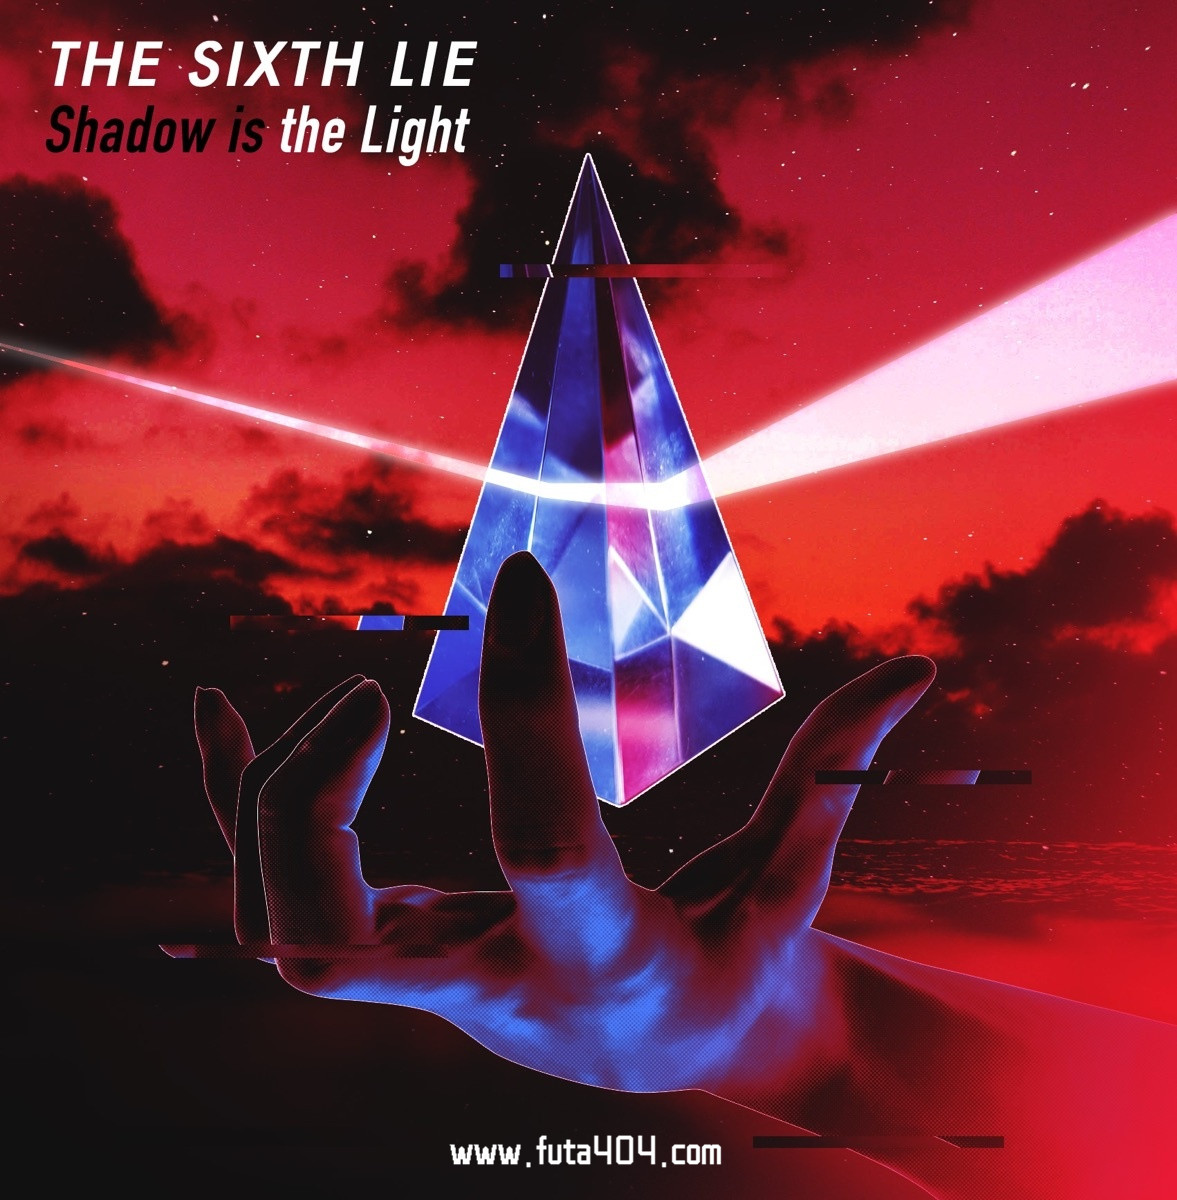 某科学的一方通行OP片头曲「Shadow is the Light」下载 某科学的一方通行 动漫音乐 第1张